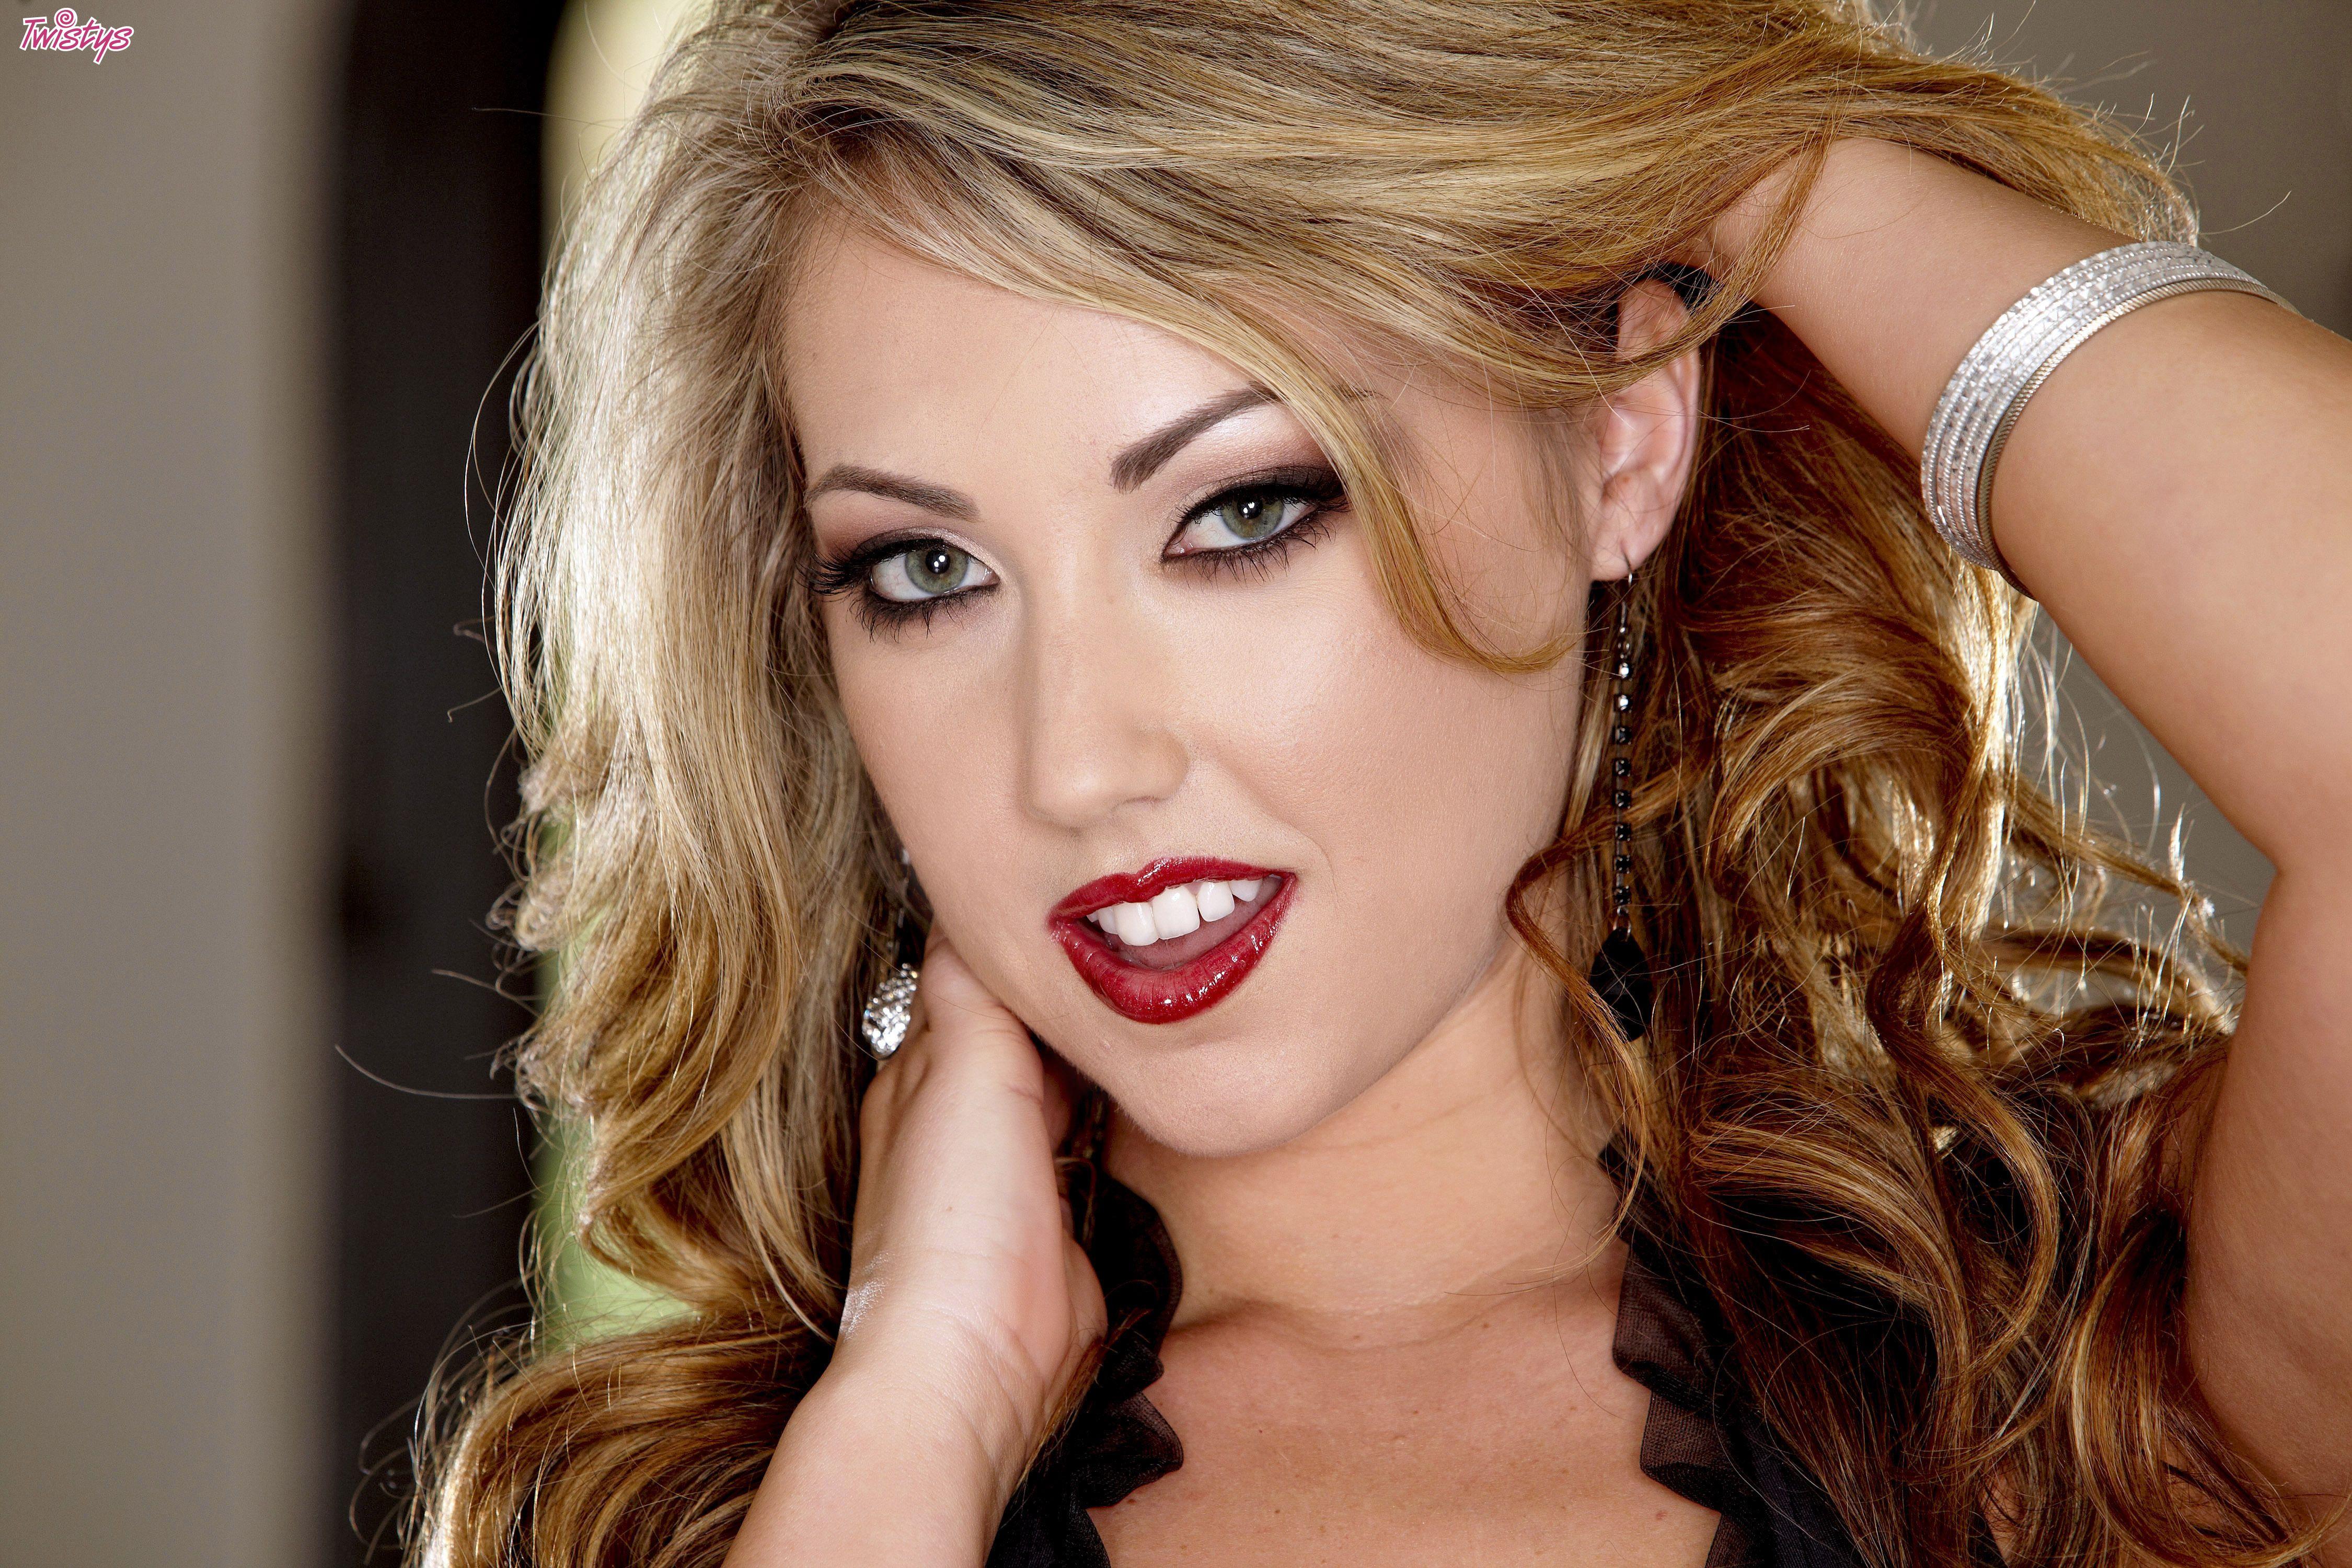 ♥ Sarah Peachez ♥ Internet Model   Model, Sarah, Fashion